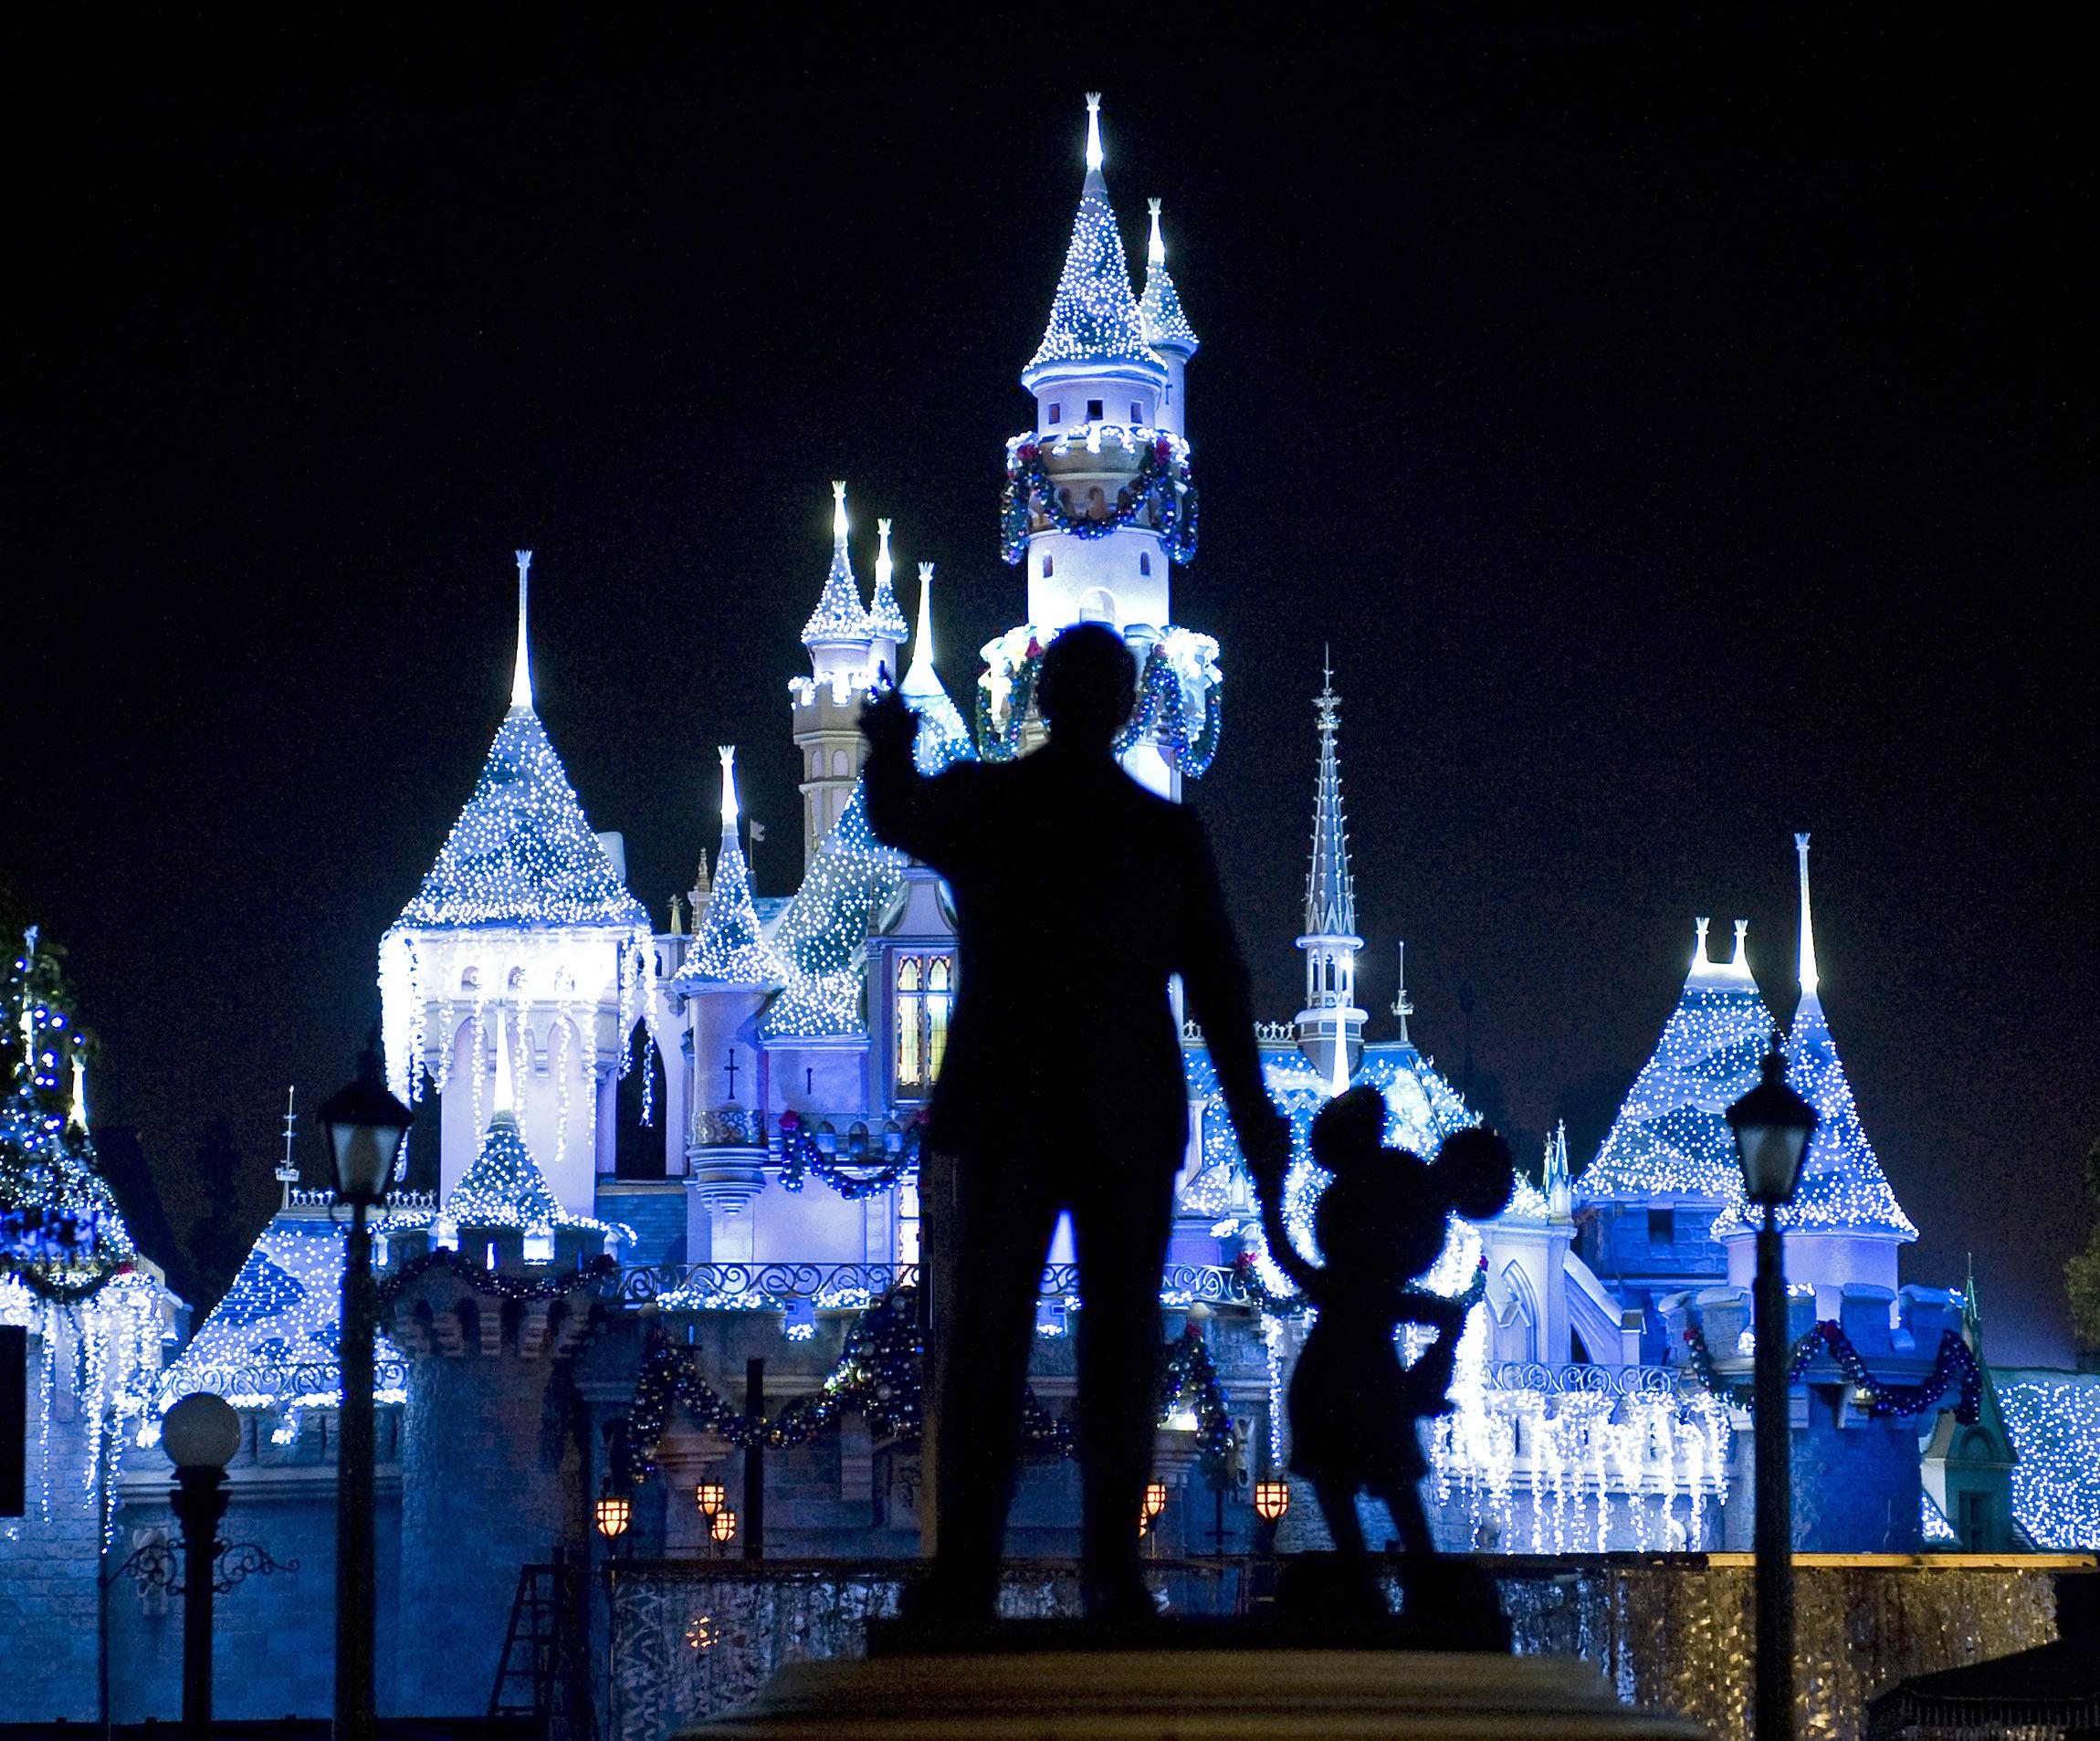 Disneyland in Anaheim, Calif.